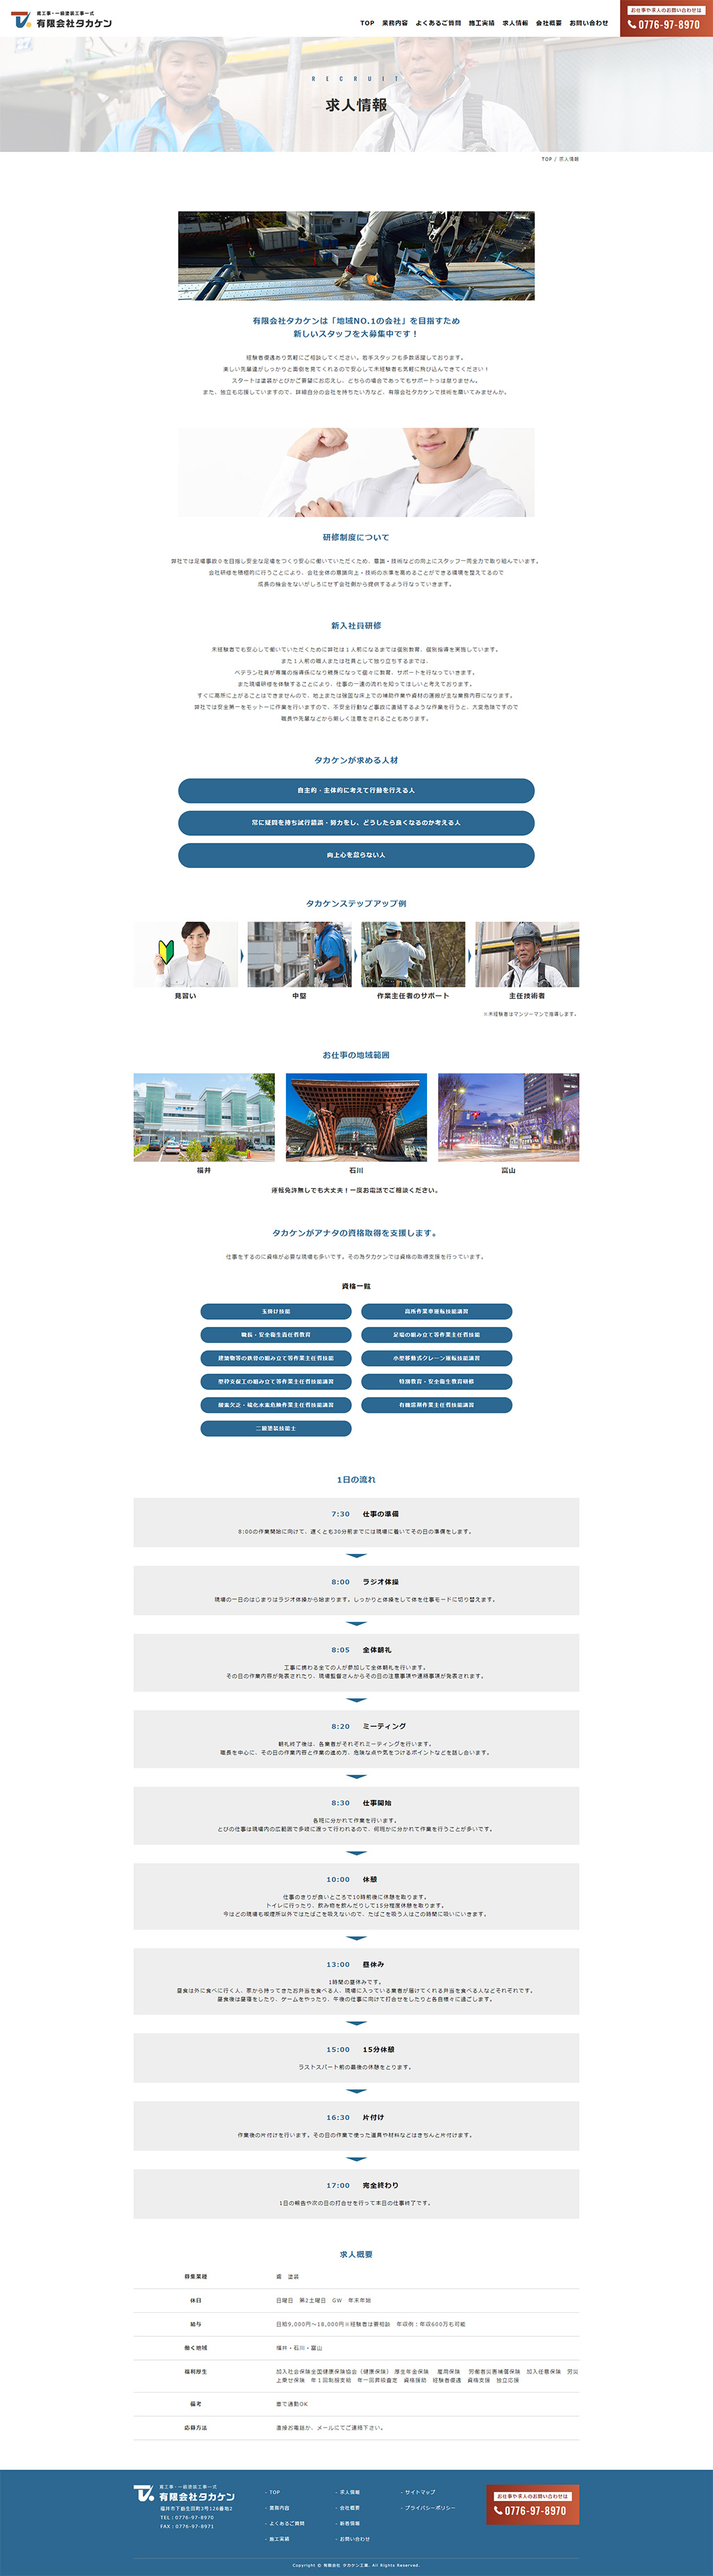 有限会社タカケン工業PC画像2